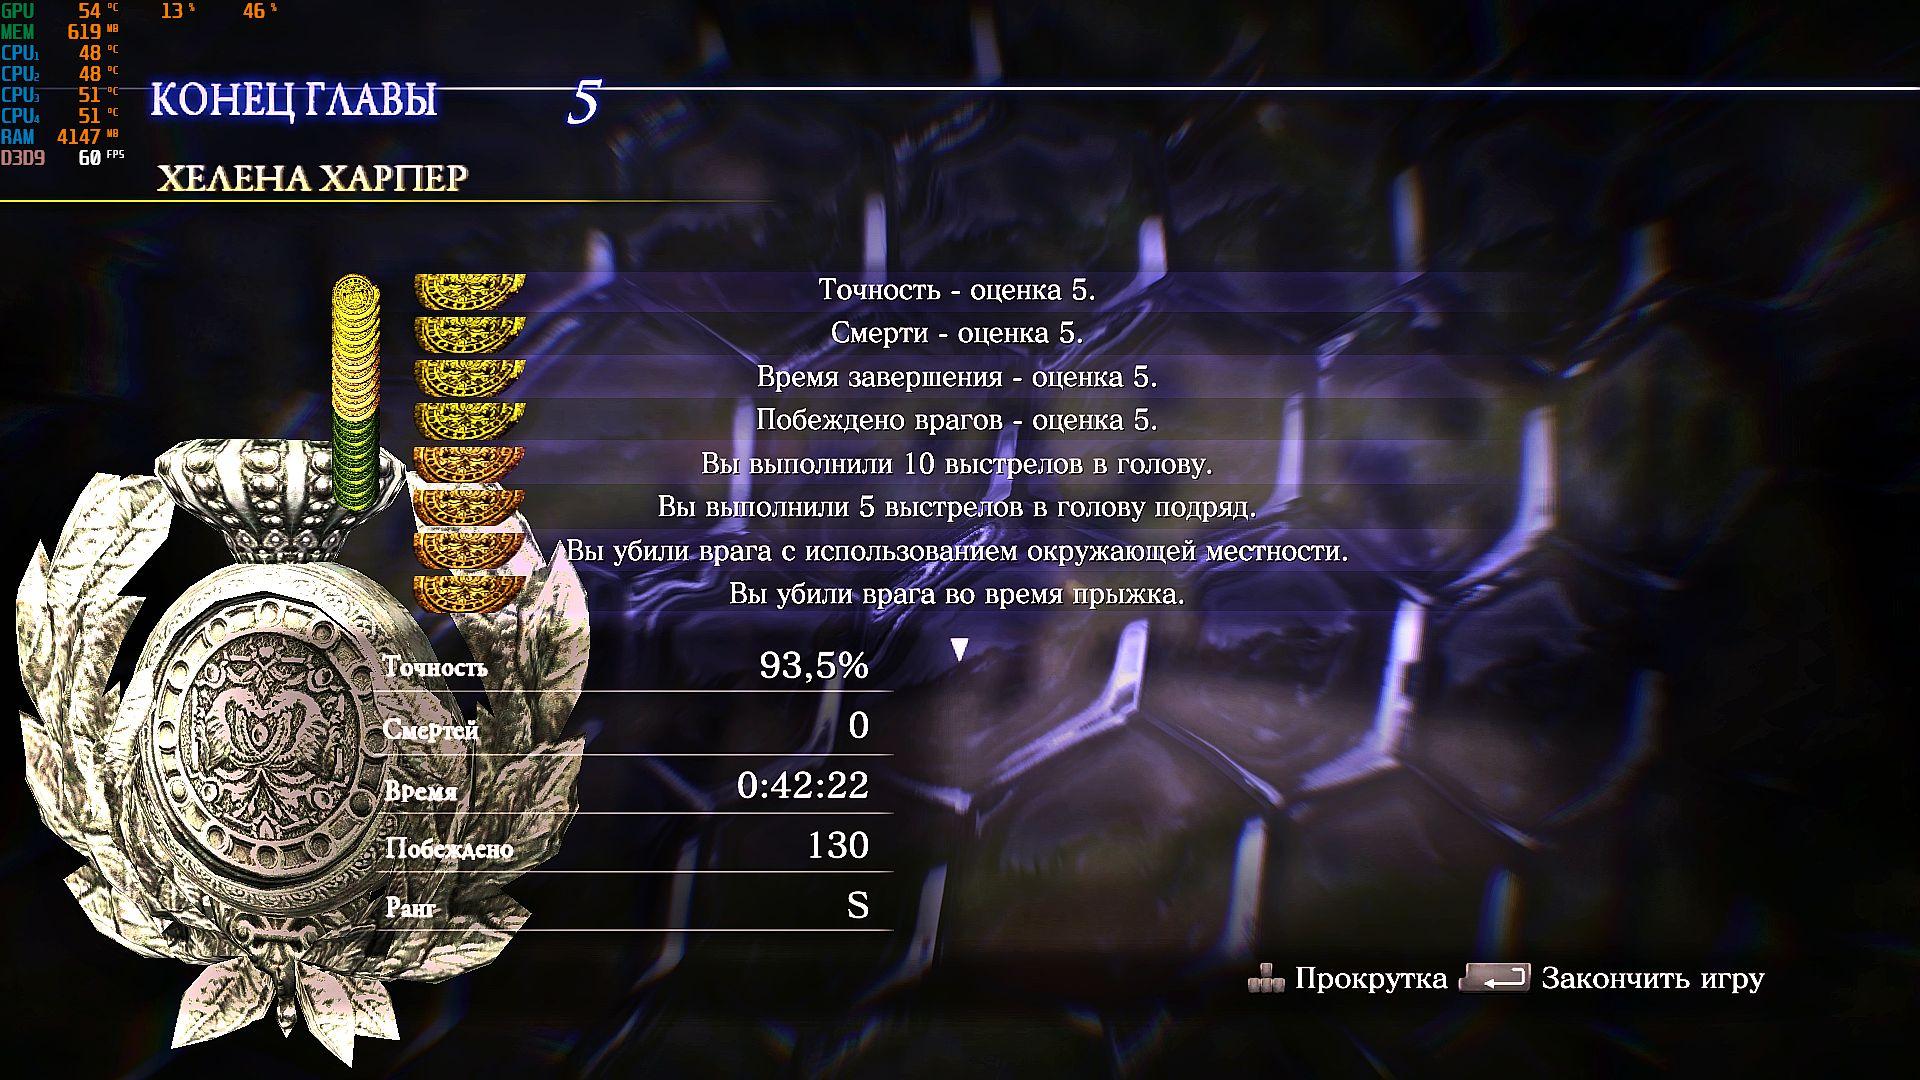 000206.Jpg - Resident Evil 6